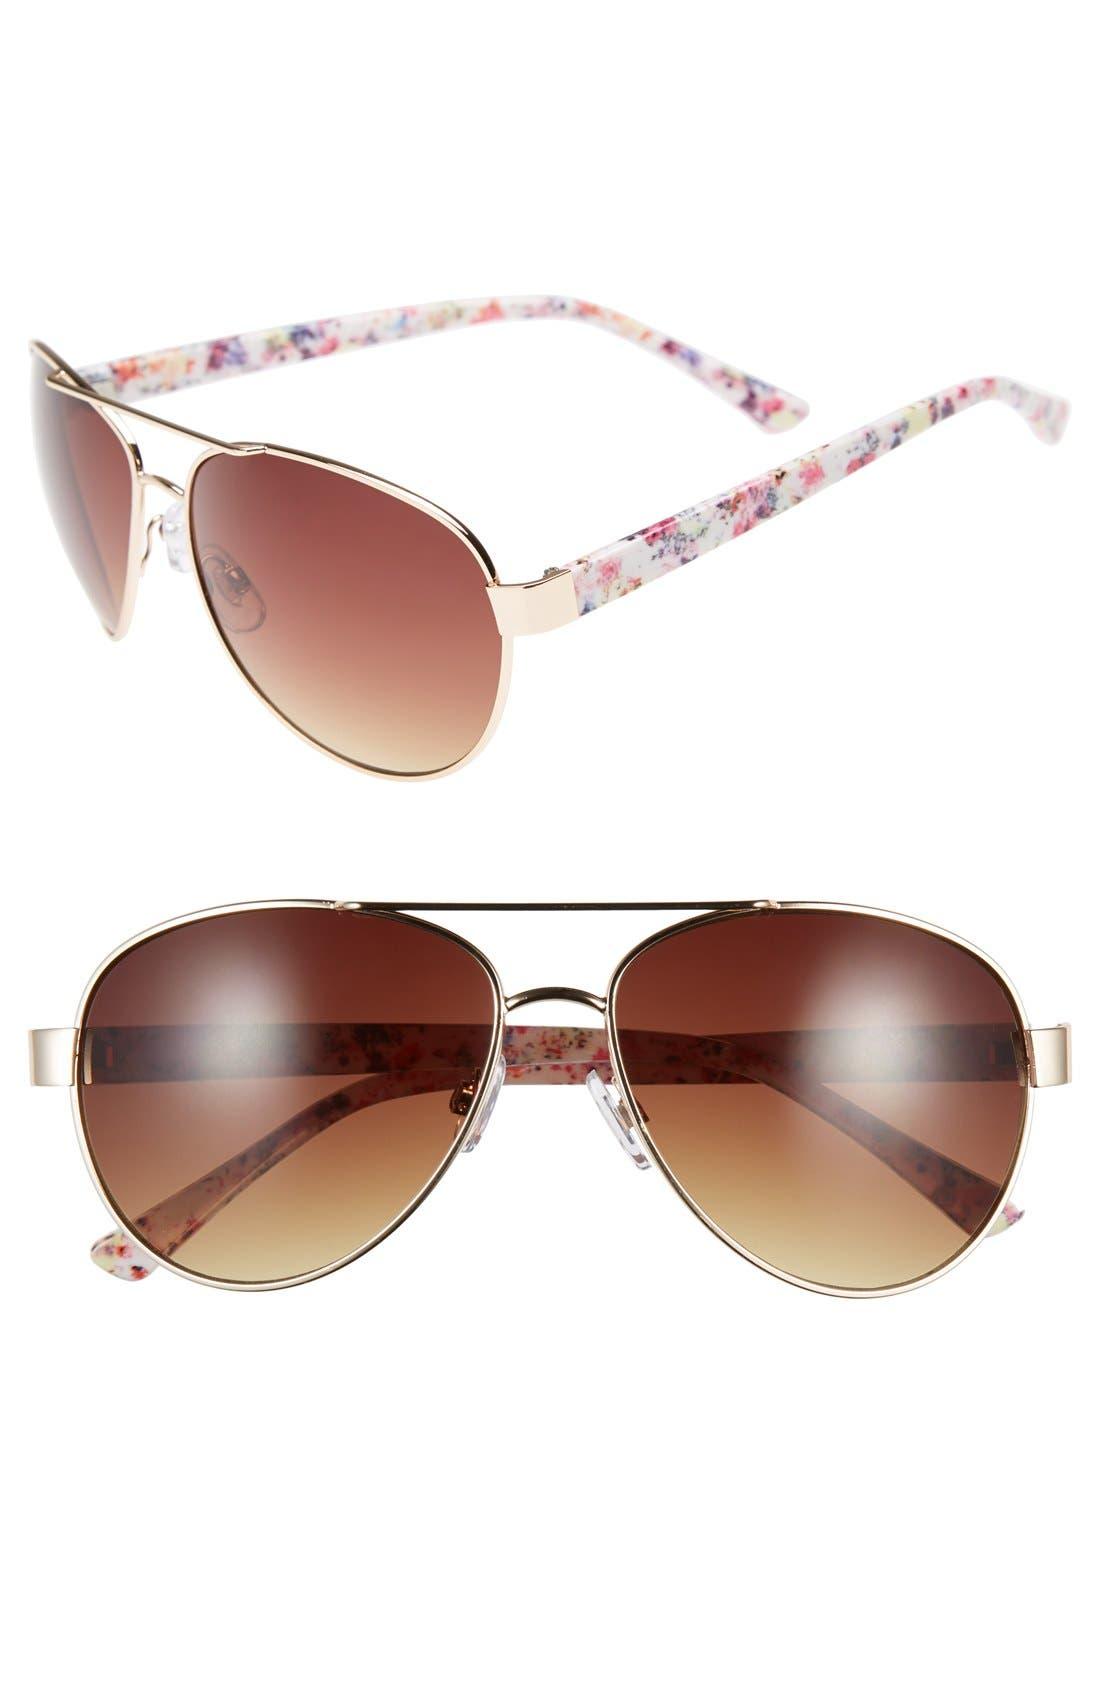 Alternate Image 1 Selected - BP. 60mm Ikat Print Aviator Sunglasses